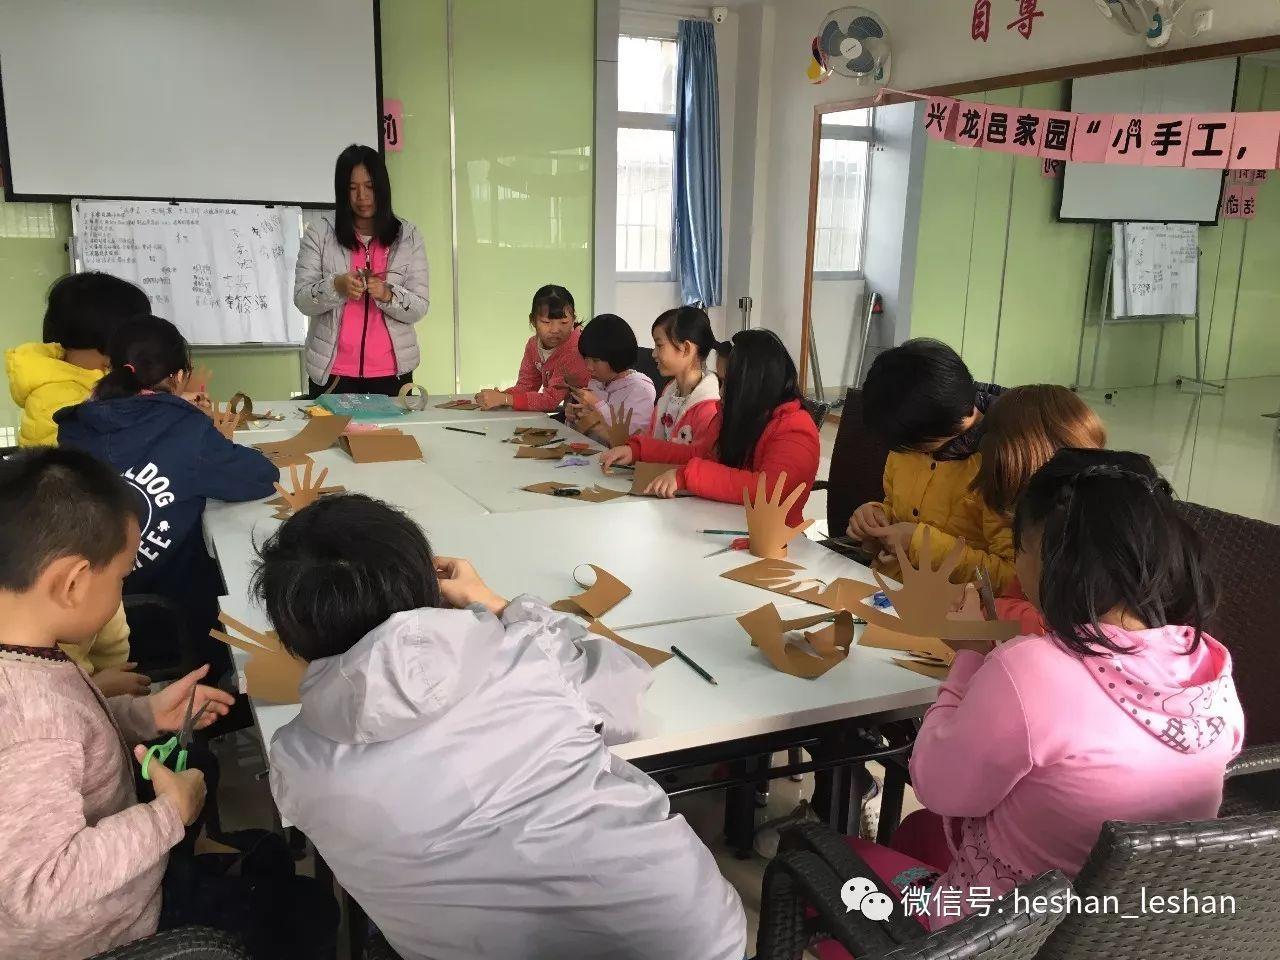 """11月鹤山市乐善社工服务中心的社工在兴龙邑家园开展了""""小手工,大创意"""